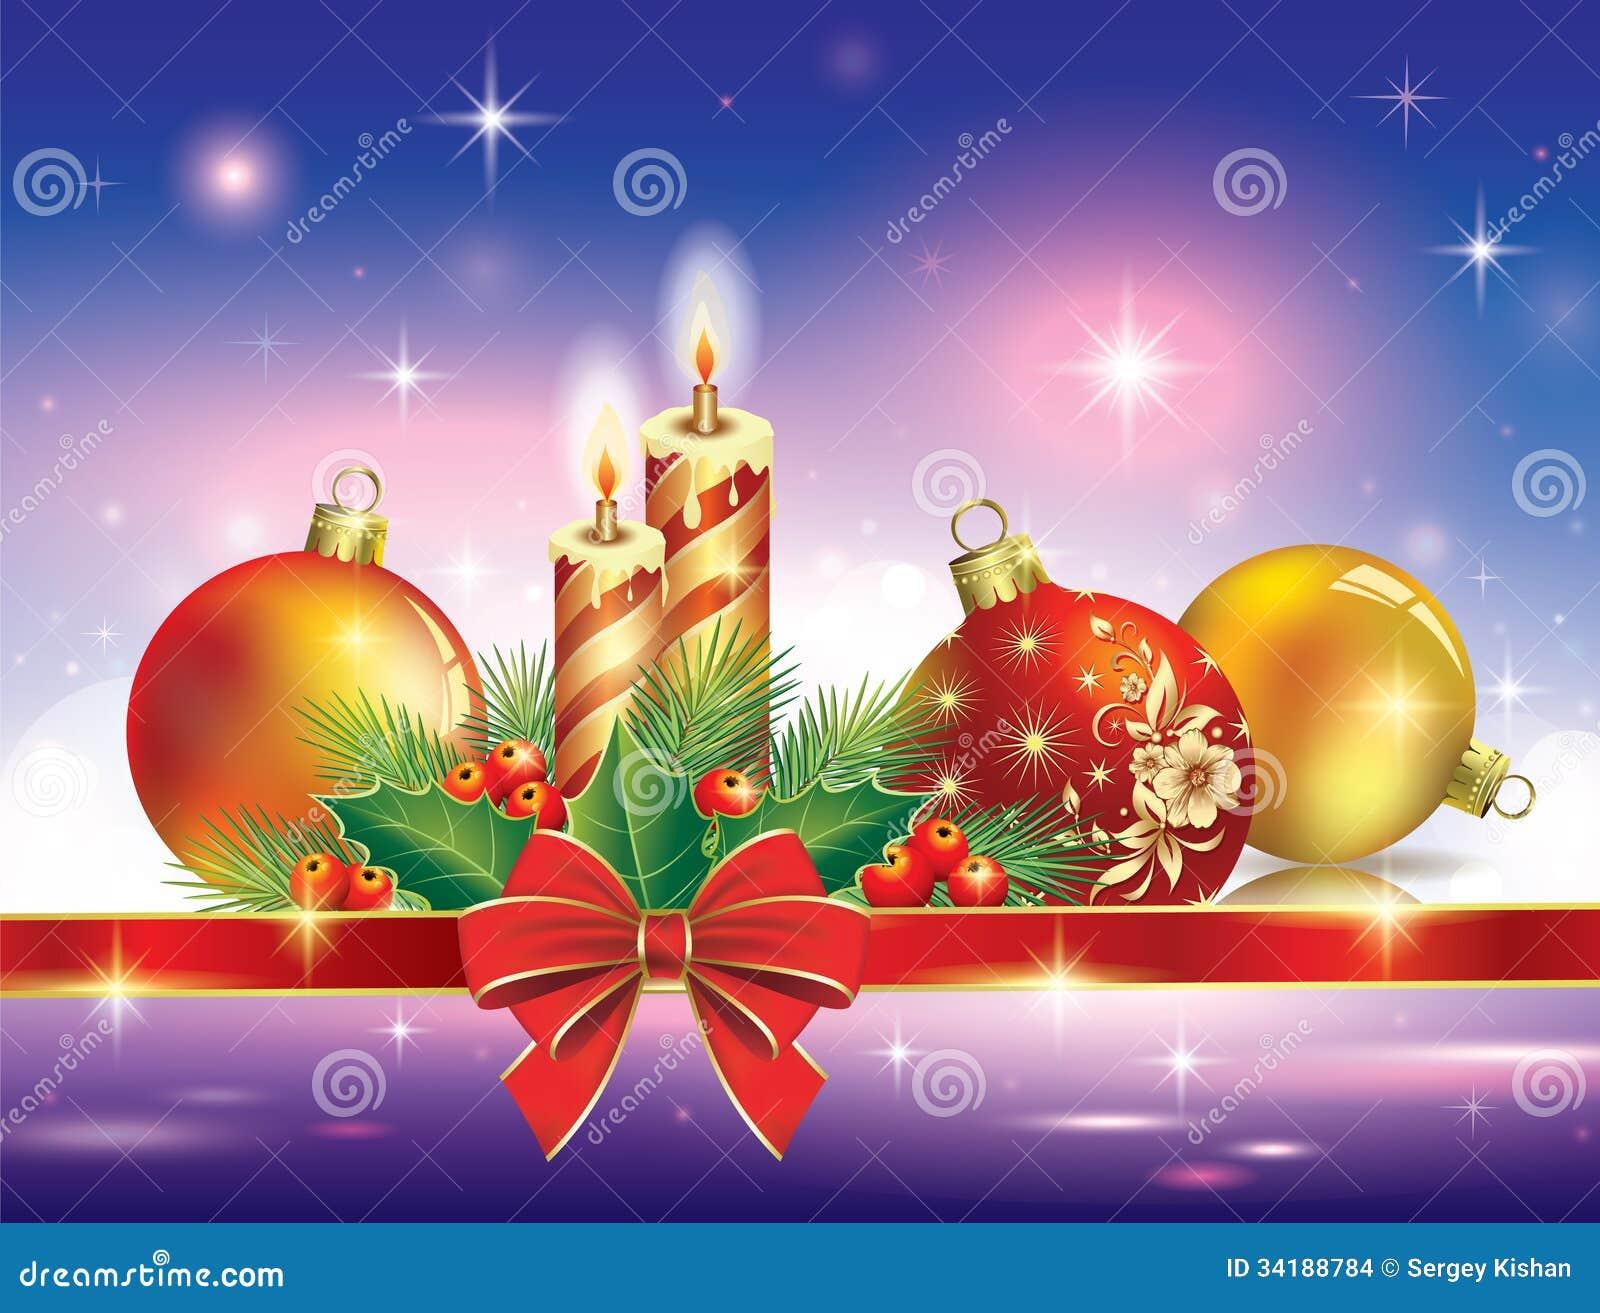 Tarjeta de navidad 2014 ilustraci n del vector - Regalos originales para navidad 2014 ...